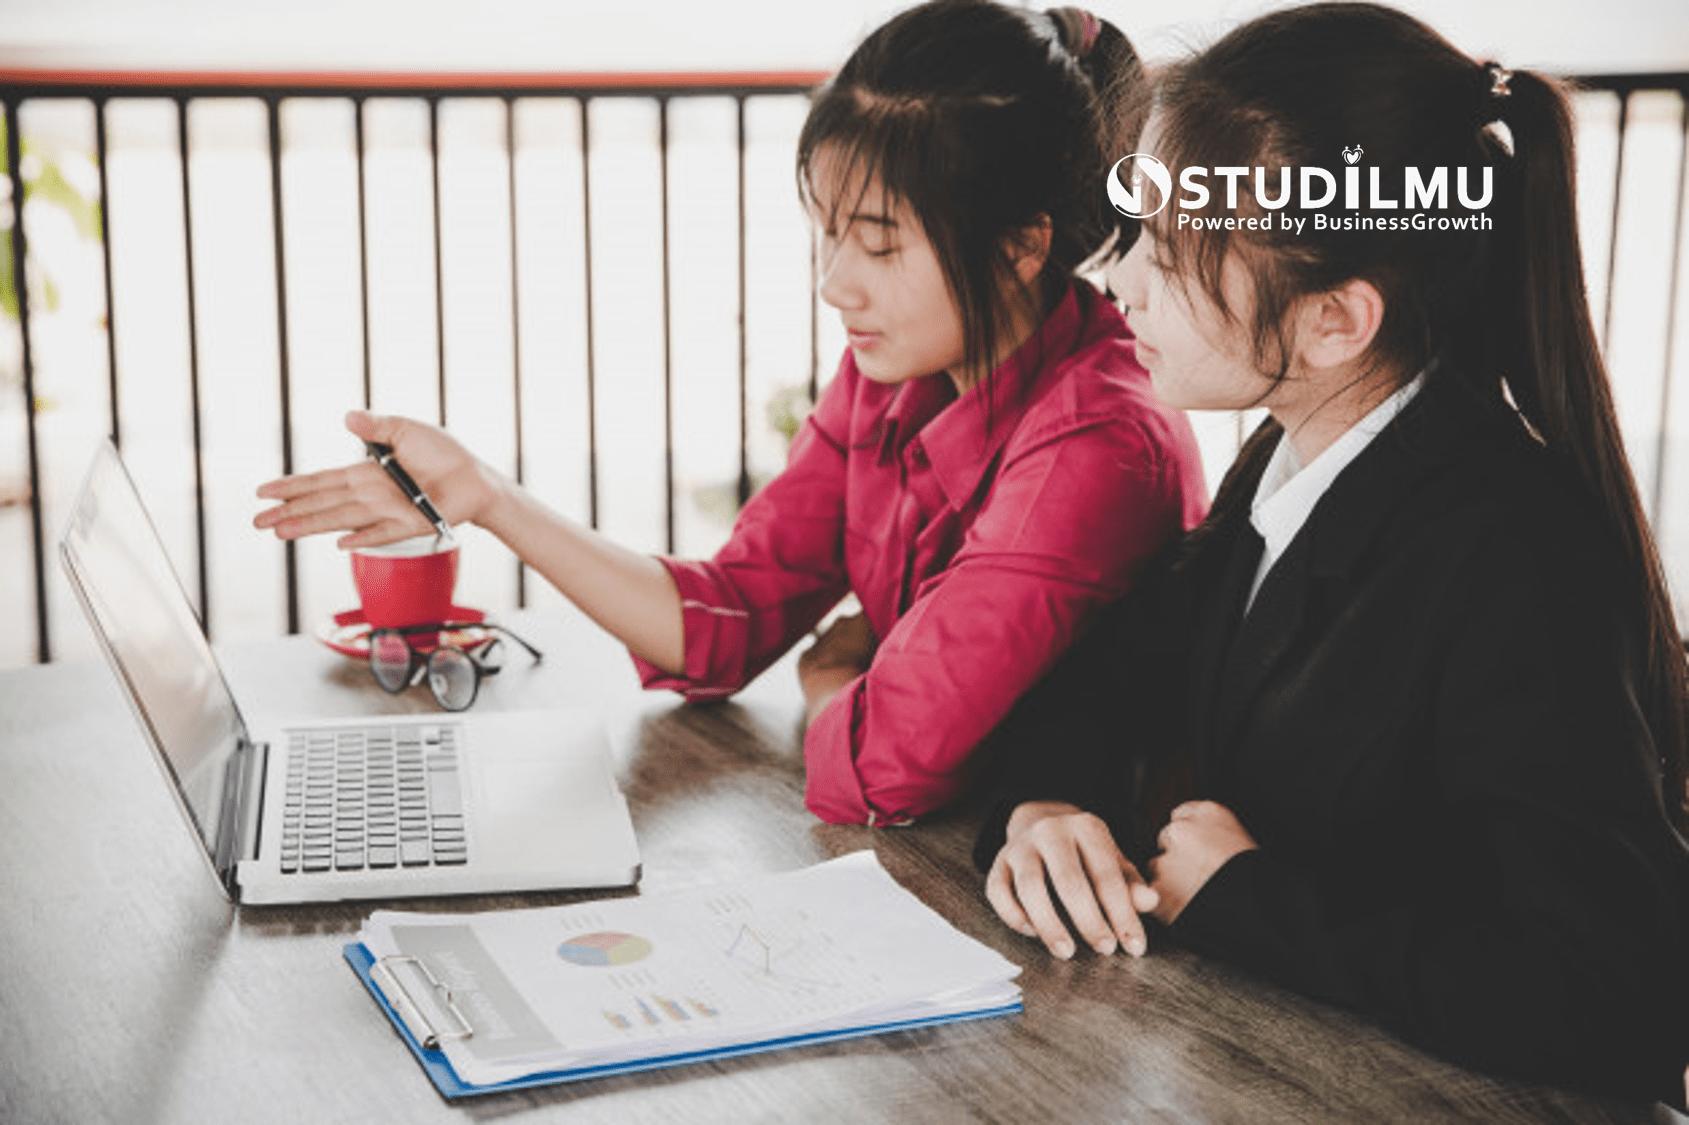 STUDILMU Career Advice - 5 Rahasia Mengubah Kerja Keras Menjadi Hasil yang Cemerlang